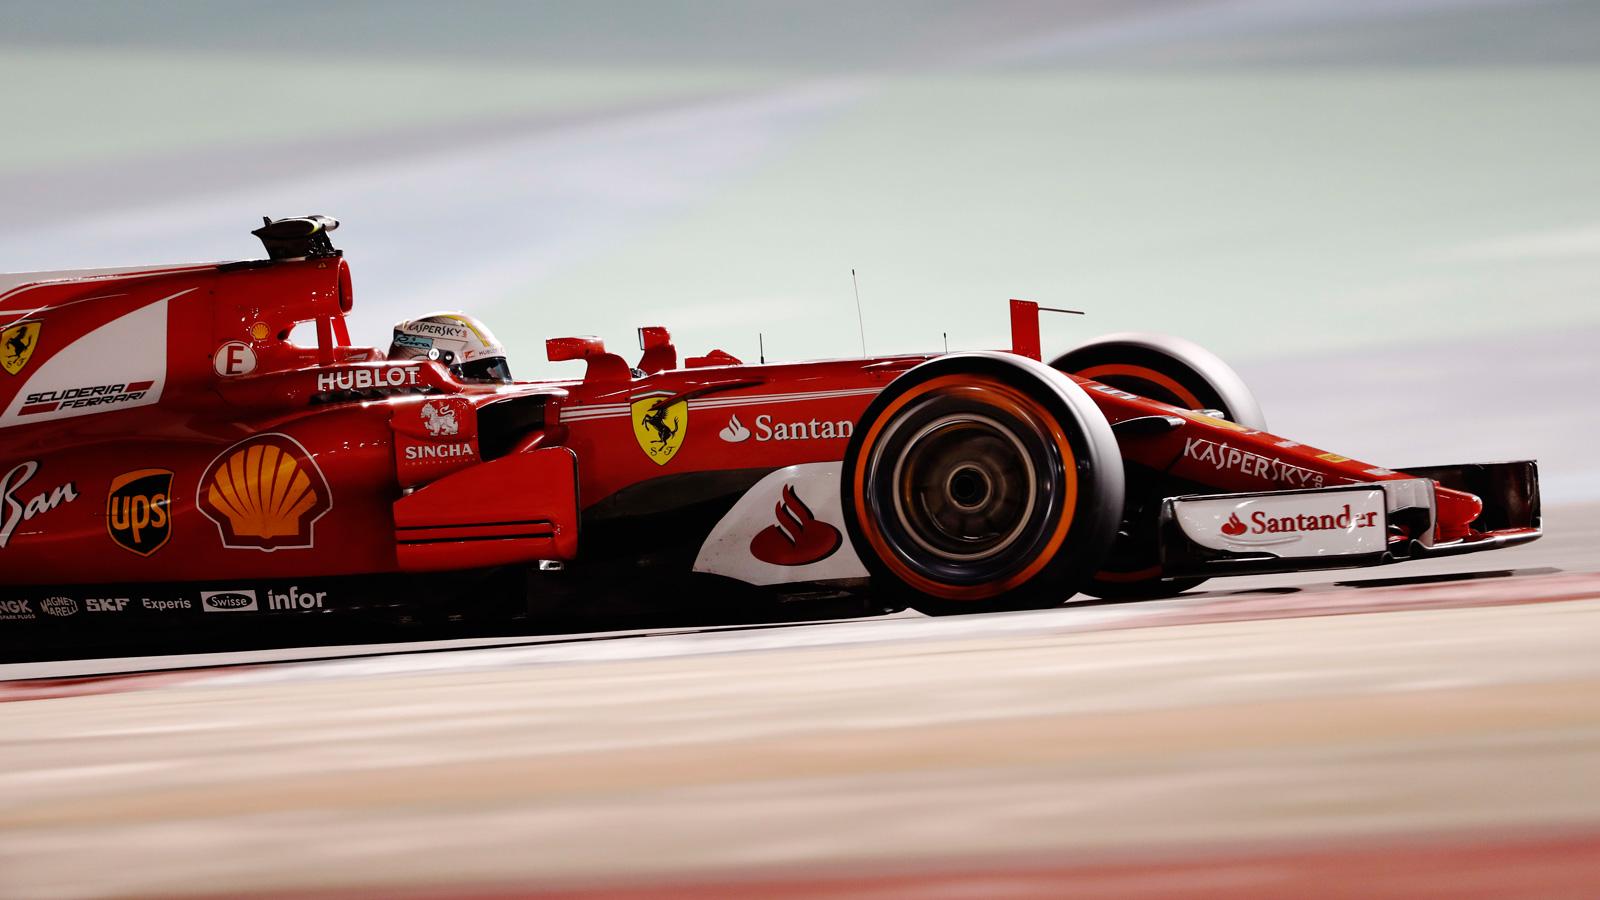 Ferrari F1 2019 1600x900 Wallpaper Teahub Io